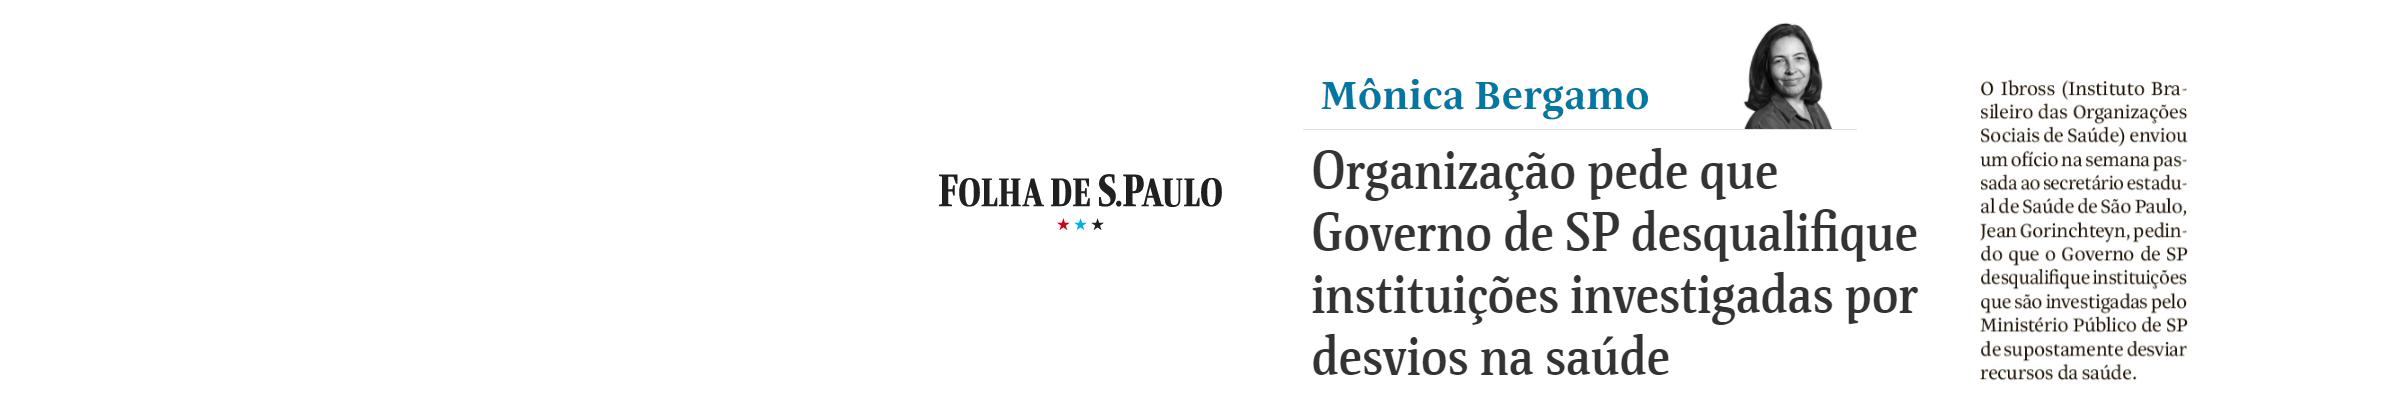 Mônica Bergamo: Ibross pede que Governo de SP desqualifique instituições investigadas por desvios na saúde